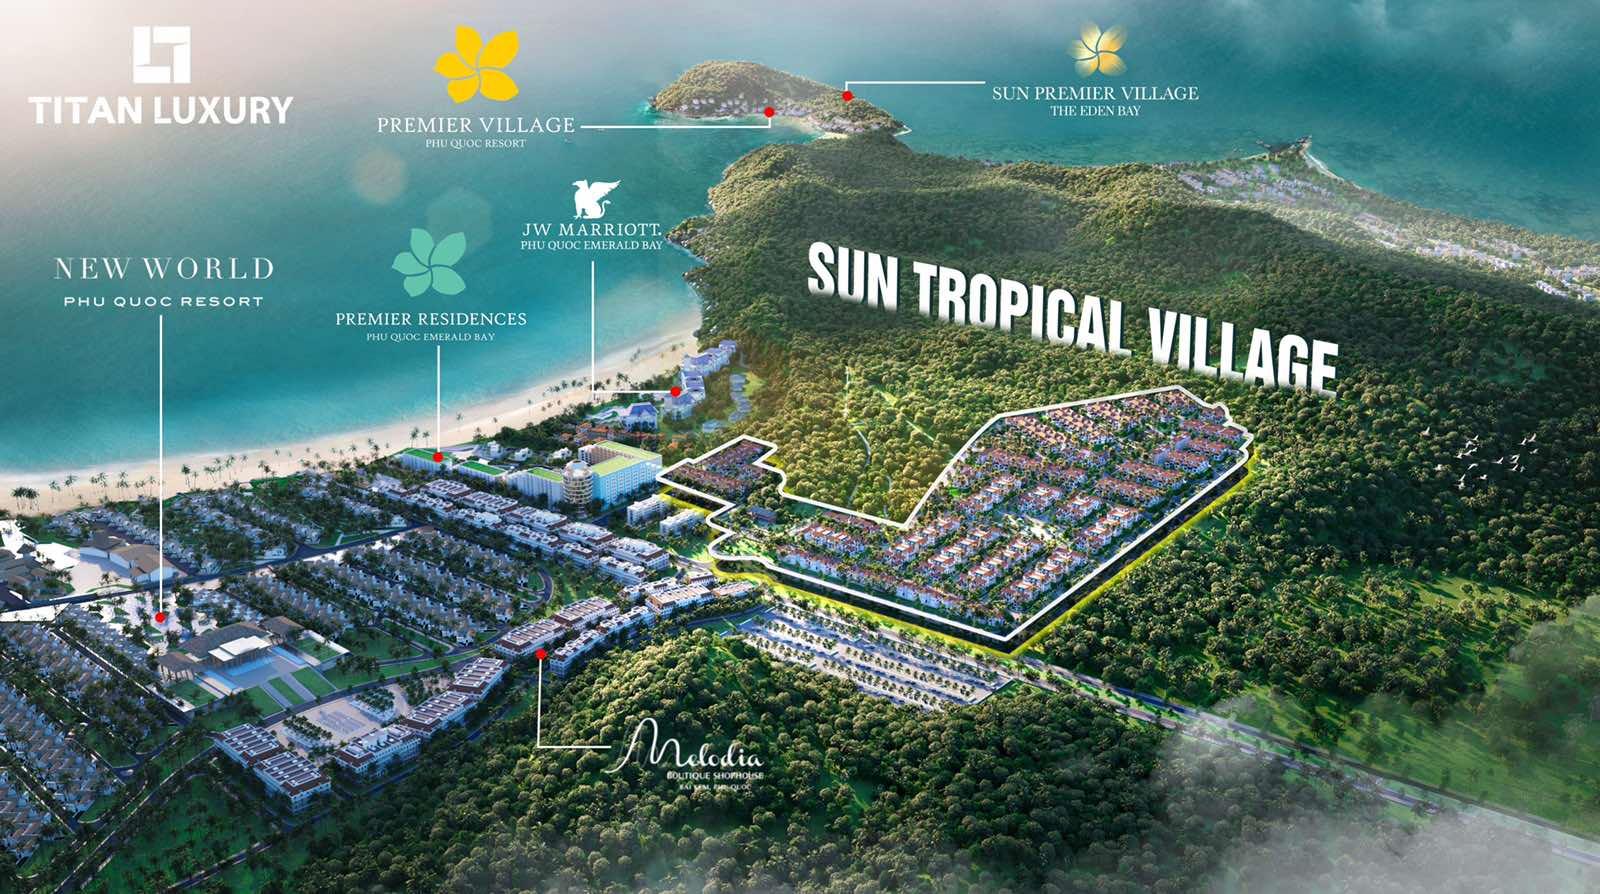 Vị trí Sun Tropical Village tại Bãi Kem Phú Quốc kế cận cách khách sạn nghỉ dưỡng hạng sang tầm cỡ thế giới